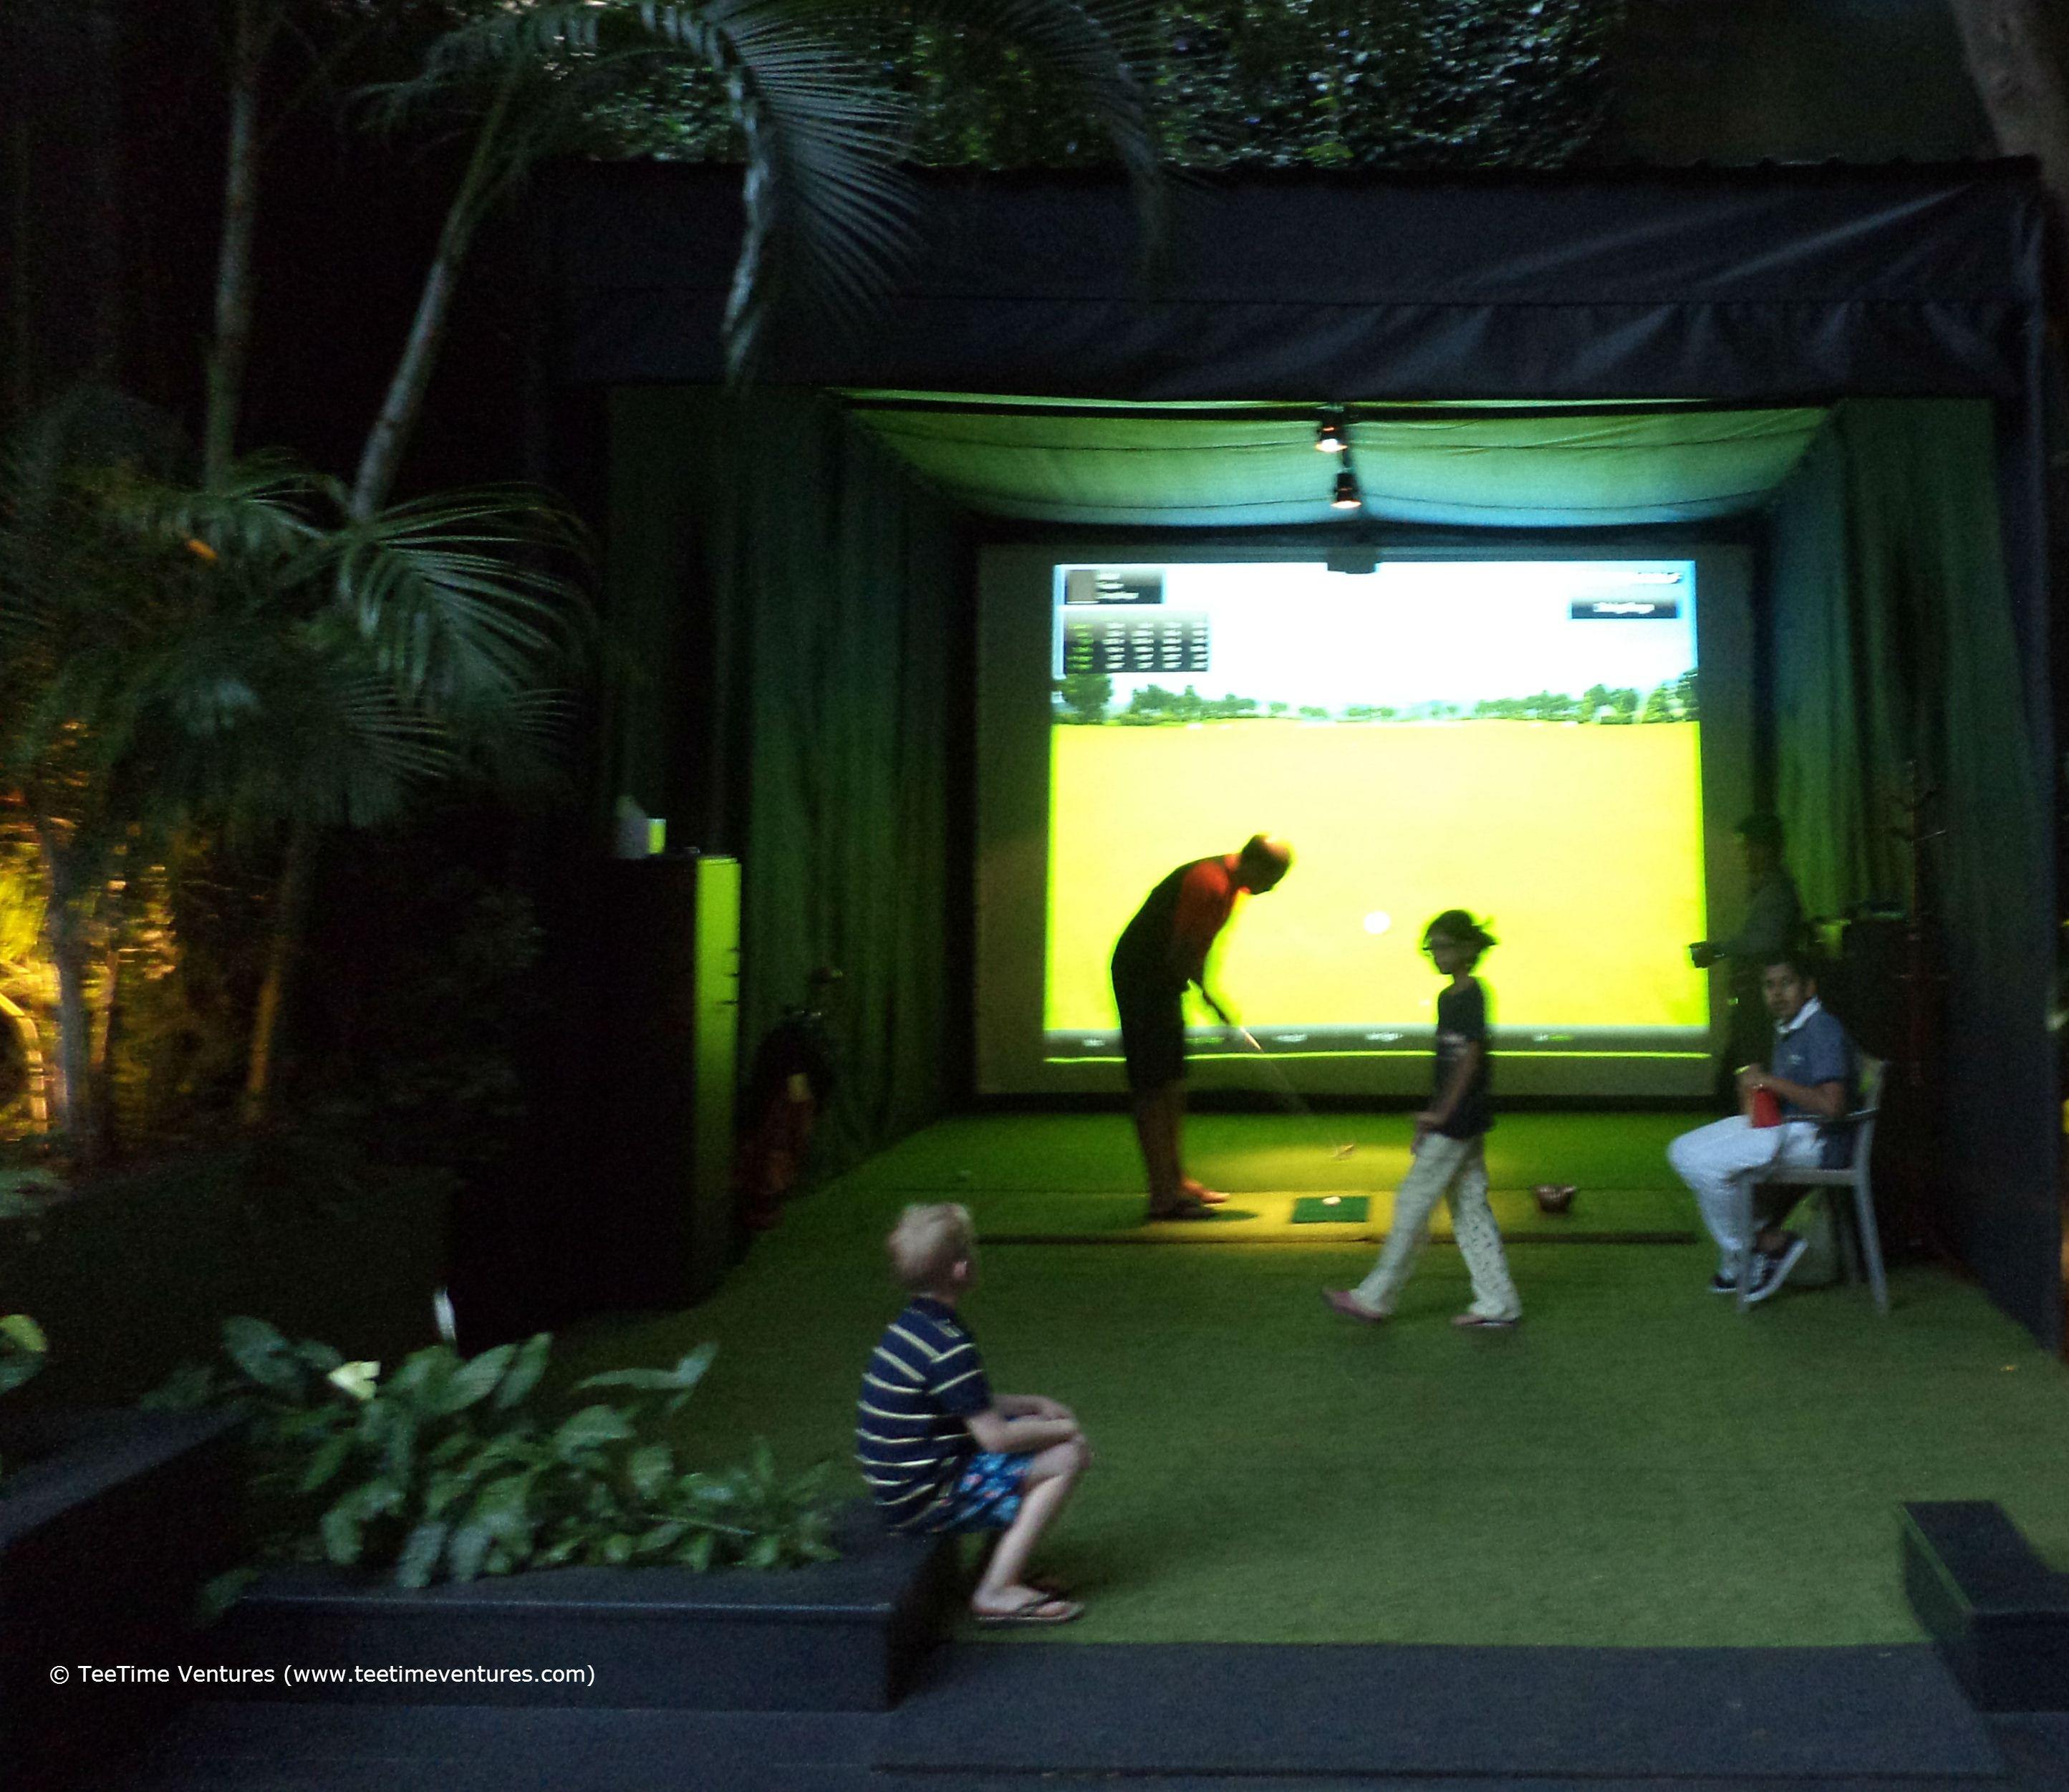 Leela Palace Golf At Night